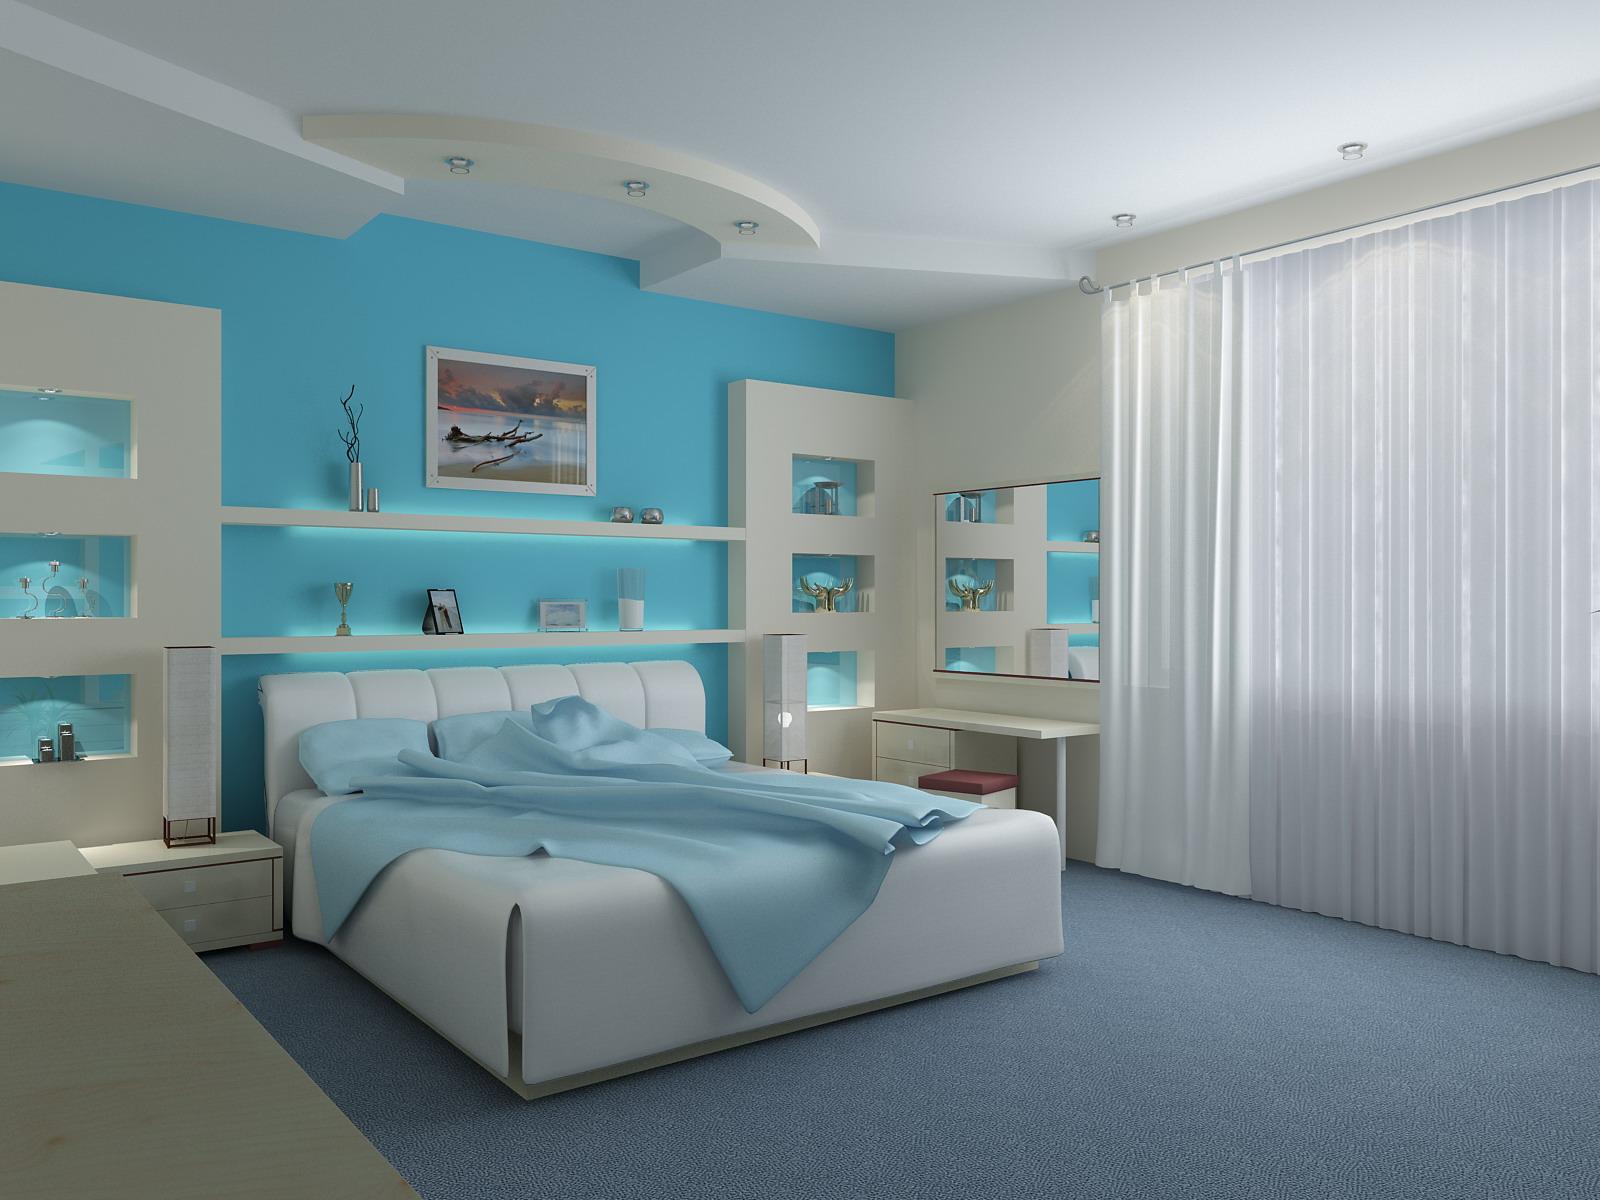 'Sealike' Bedroom